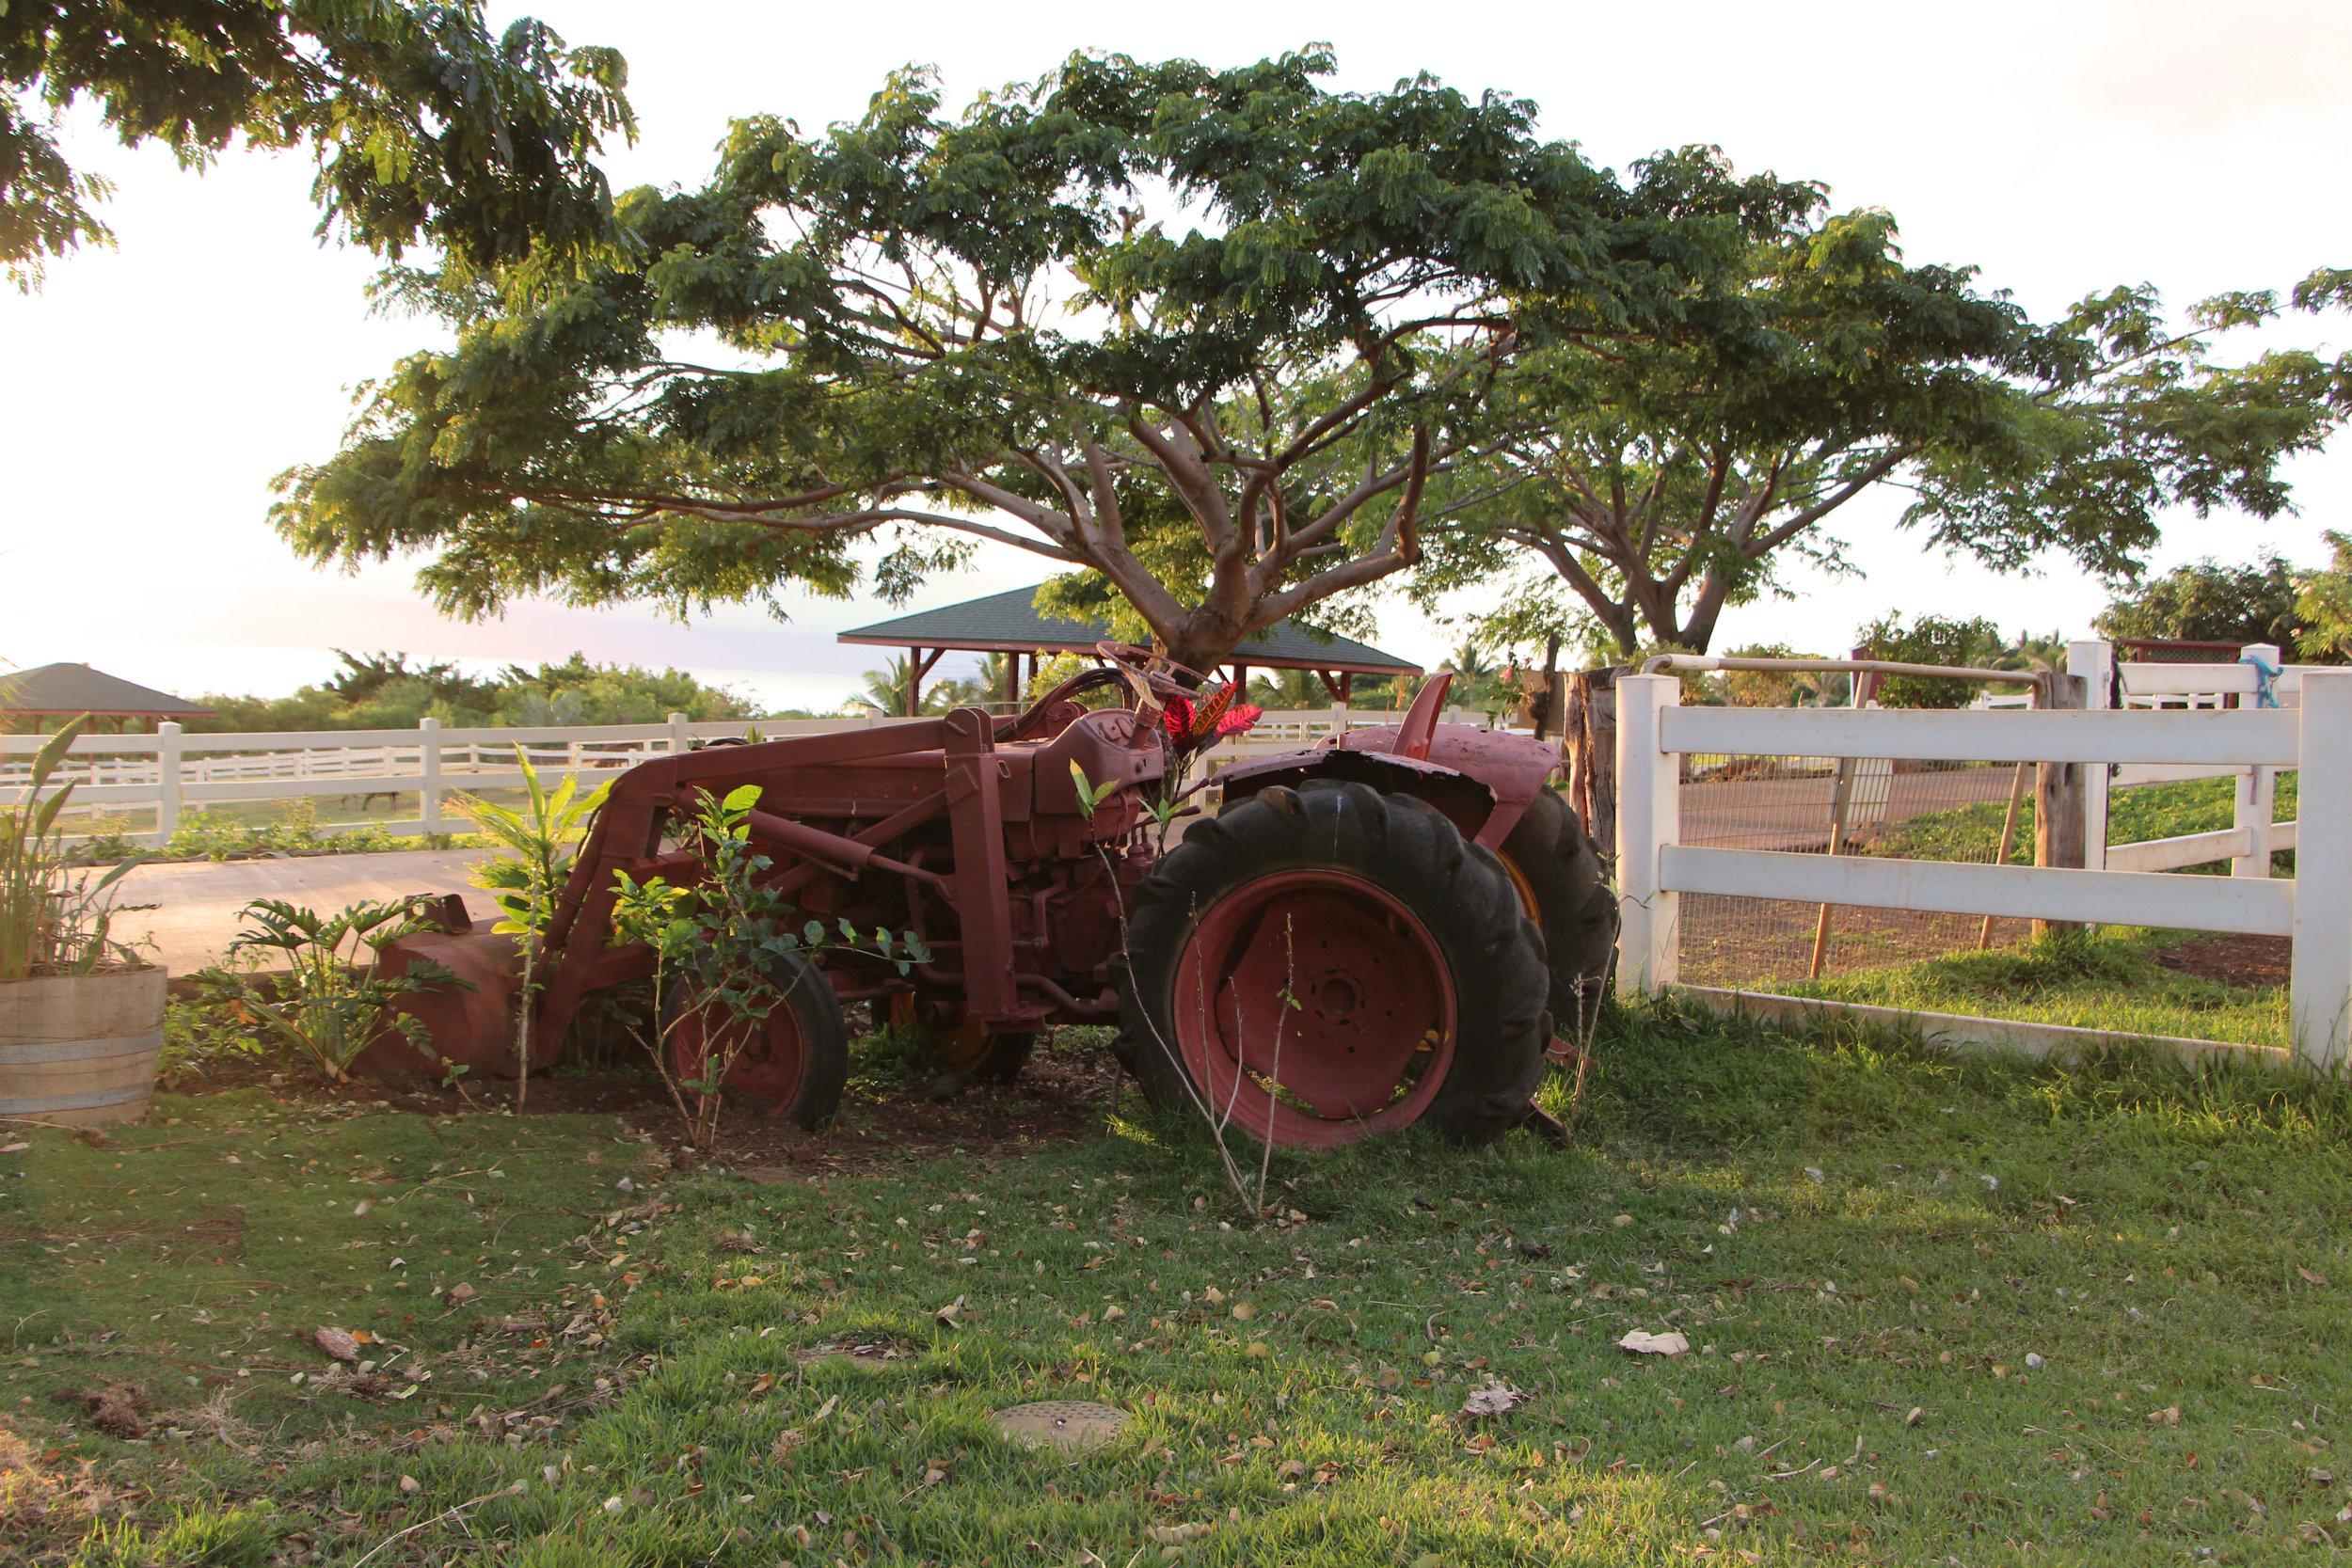 Maui-Lahaina-Animal-petting-zoo-cows2_7601-tractor.jpg